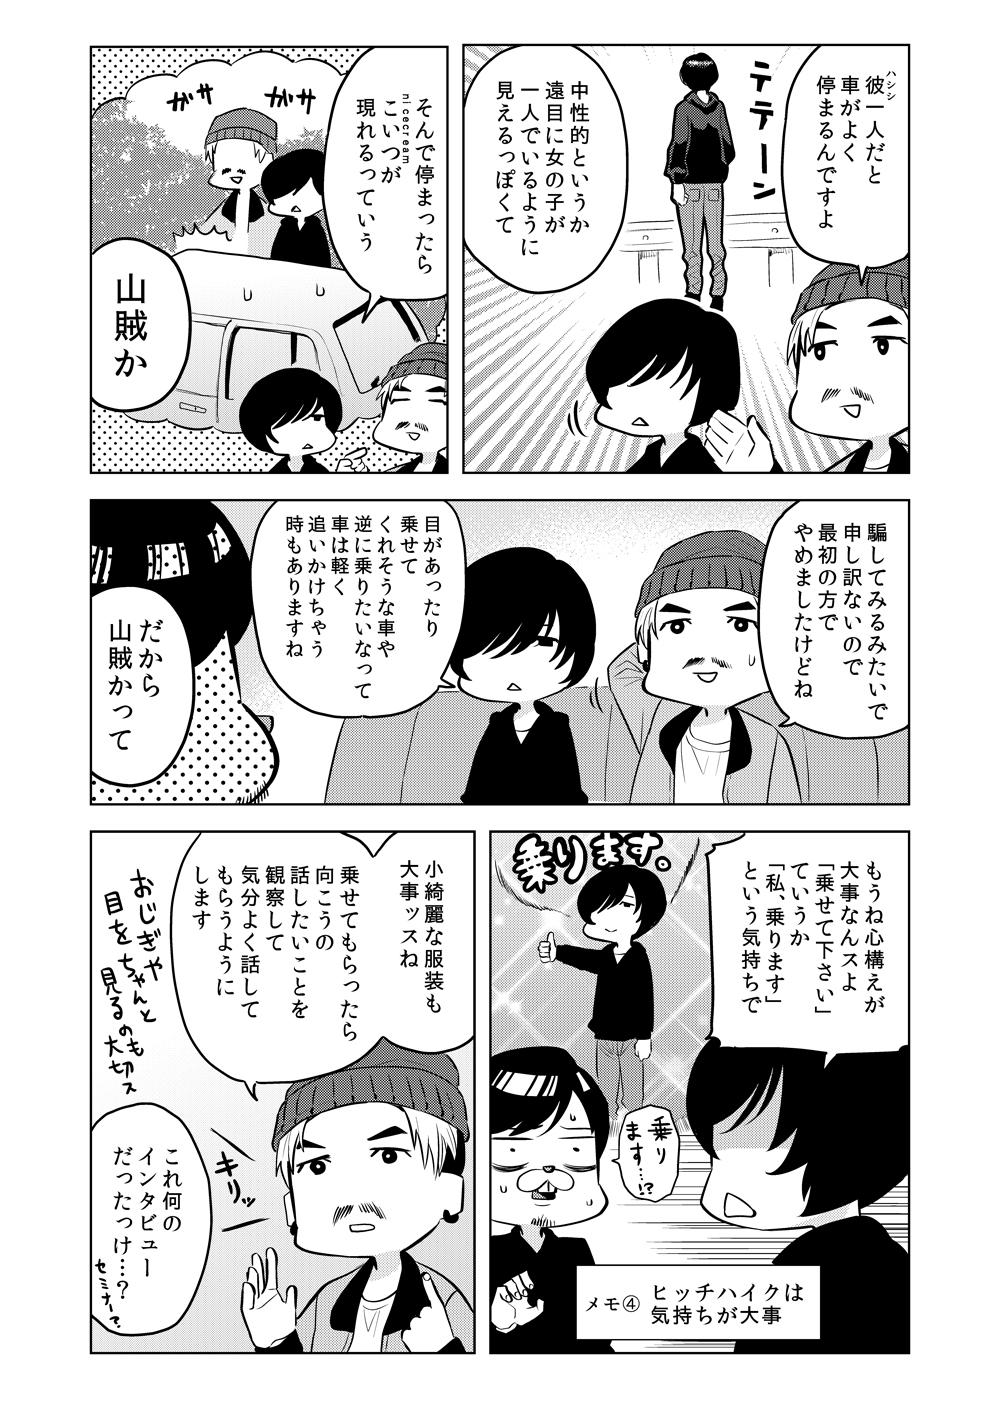 denpa-girl-manga-07